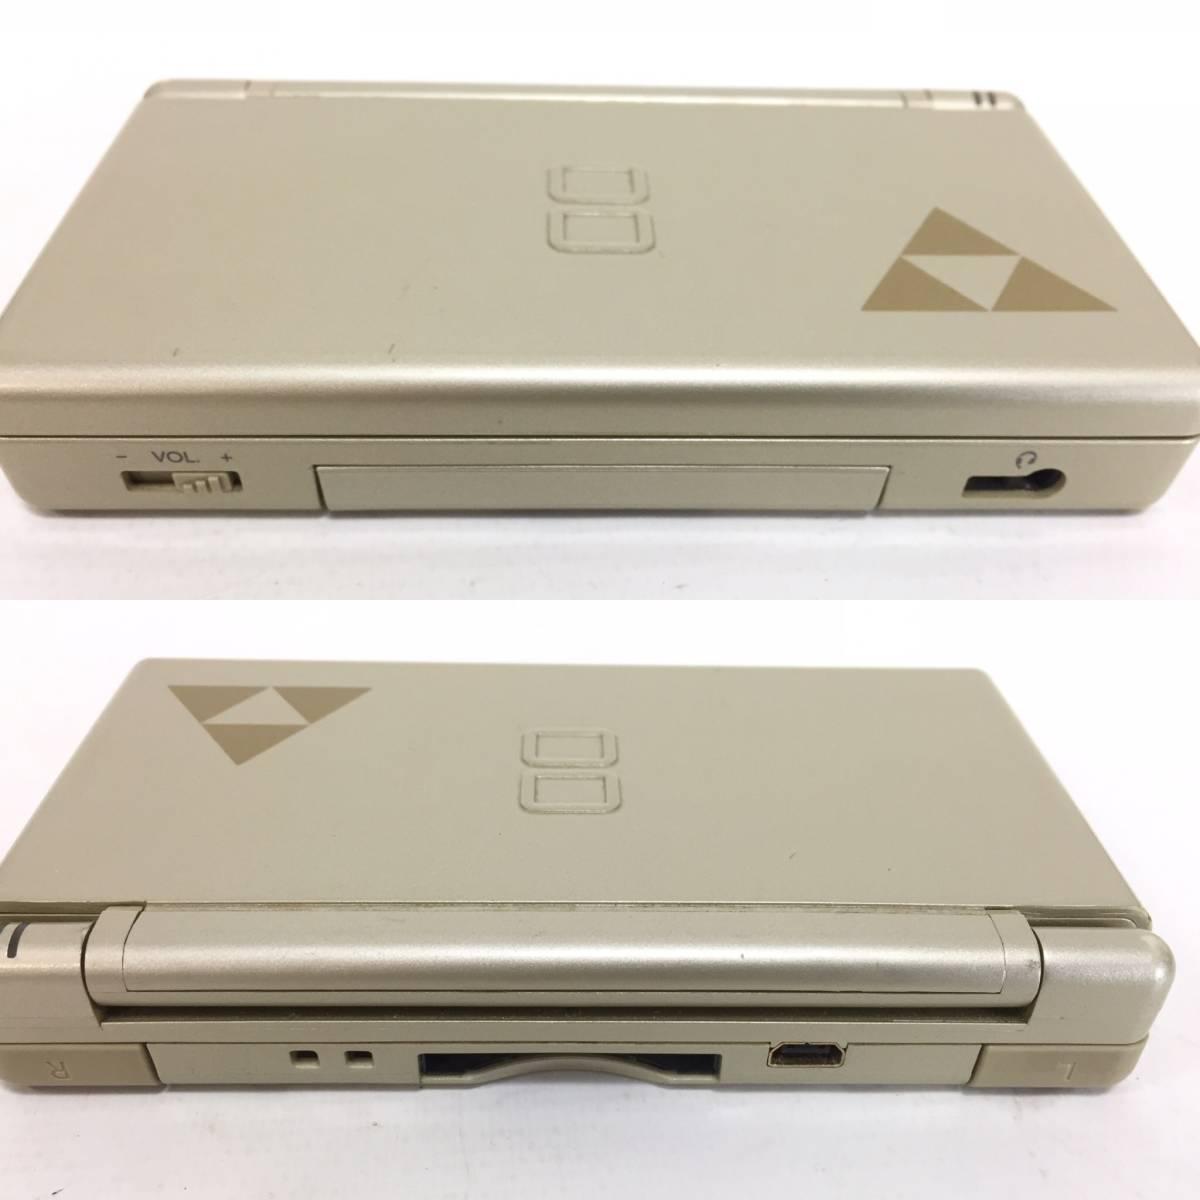 ニンテンドー DS Lite 本体 ゴールド DSライト ゼルダの伝説仕様 海外版 北米版 タッチペン アダプター 取説 箱付 動作品 Nintendo1904414_画像7